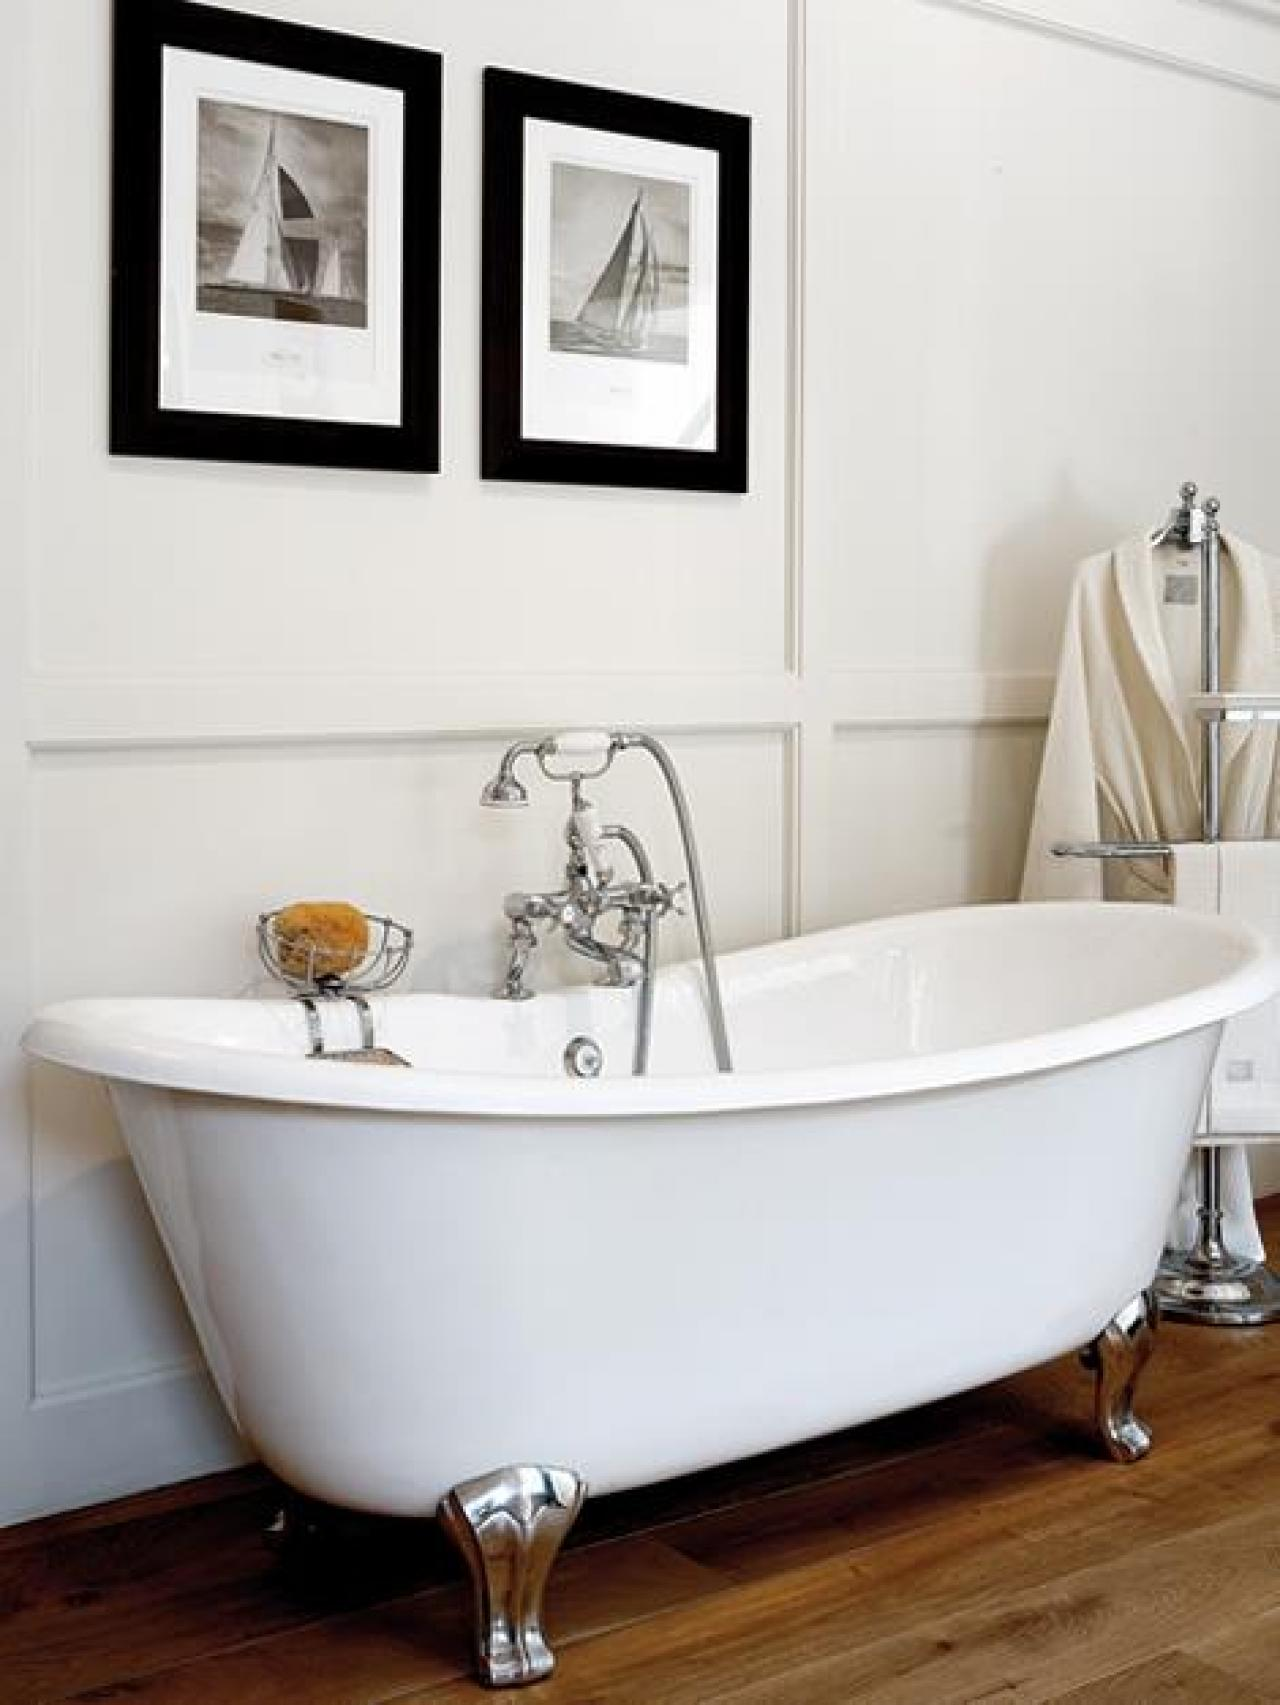 La vasca da bagno a vicenza fratelli pellizzari for Vasca da bagno in inglese